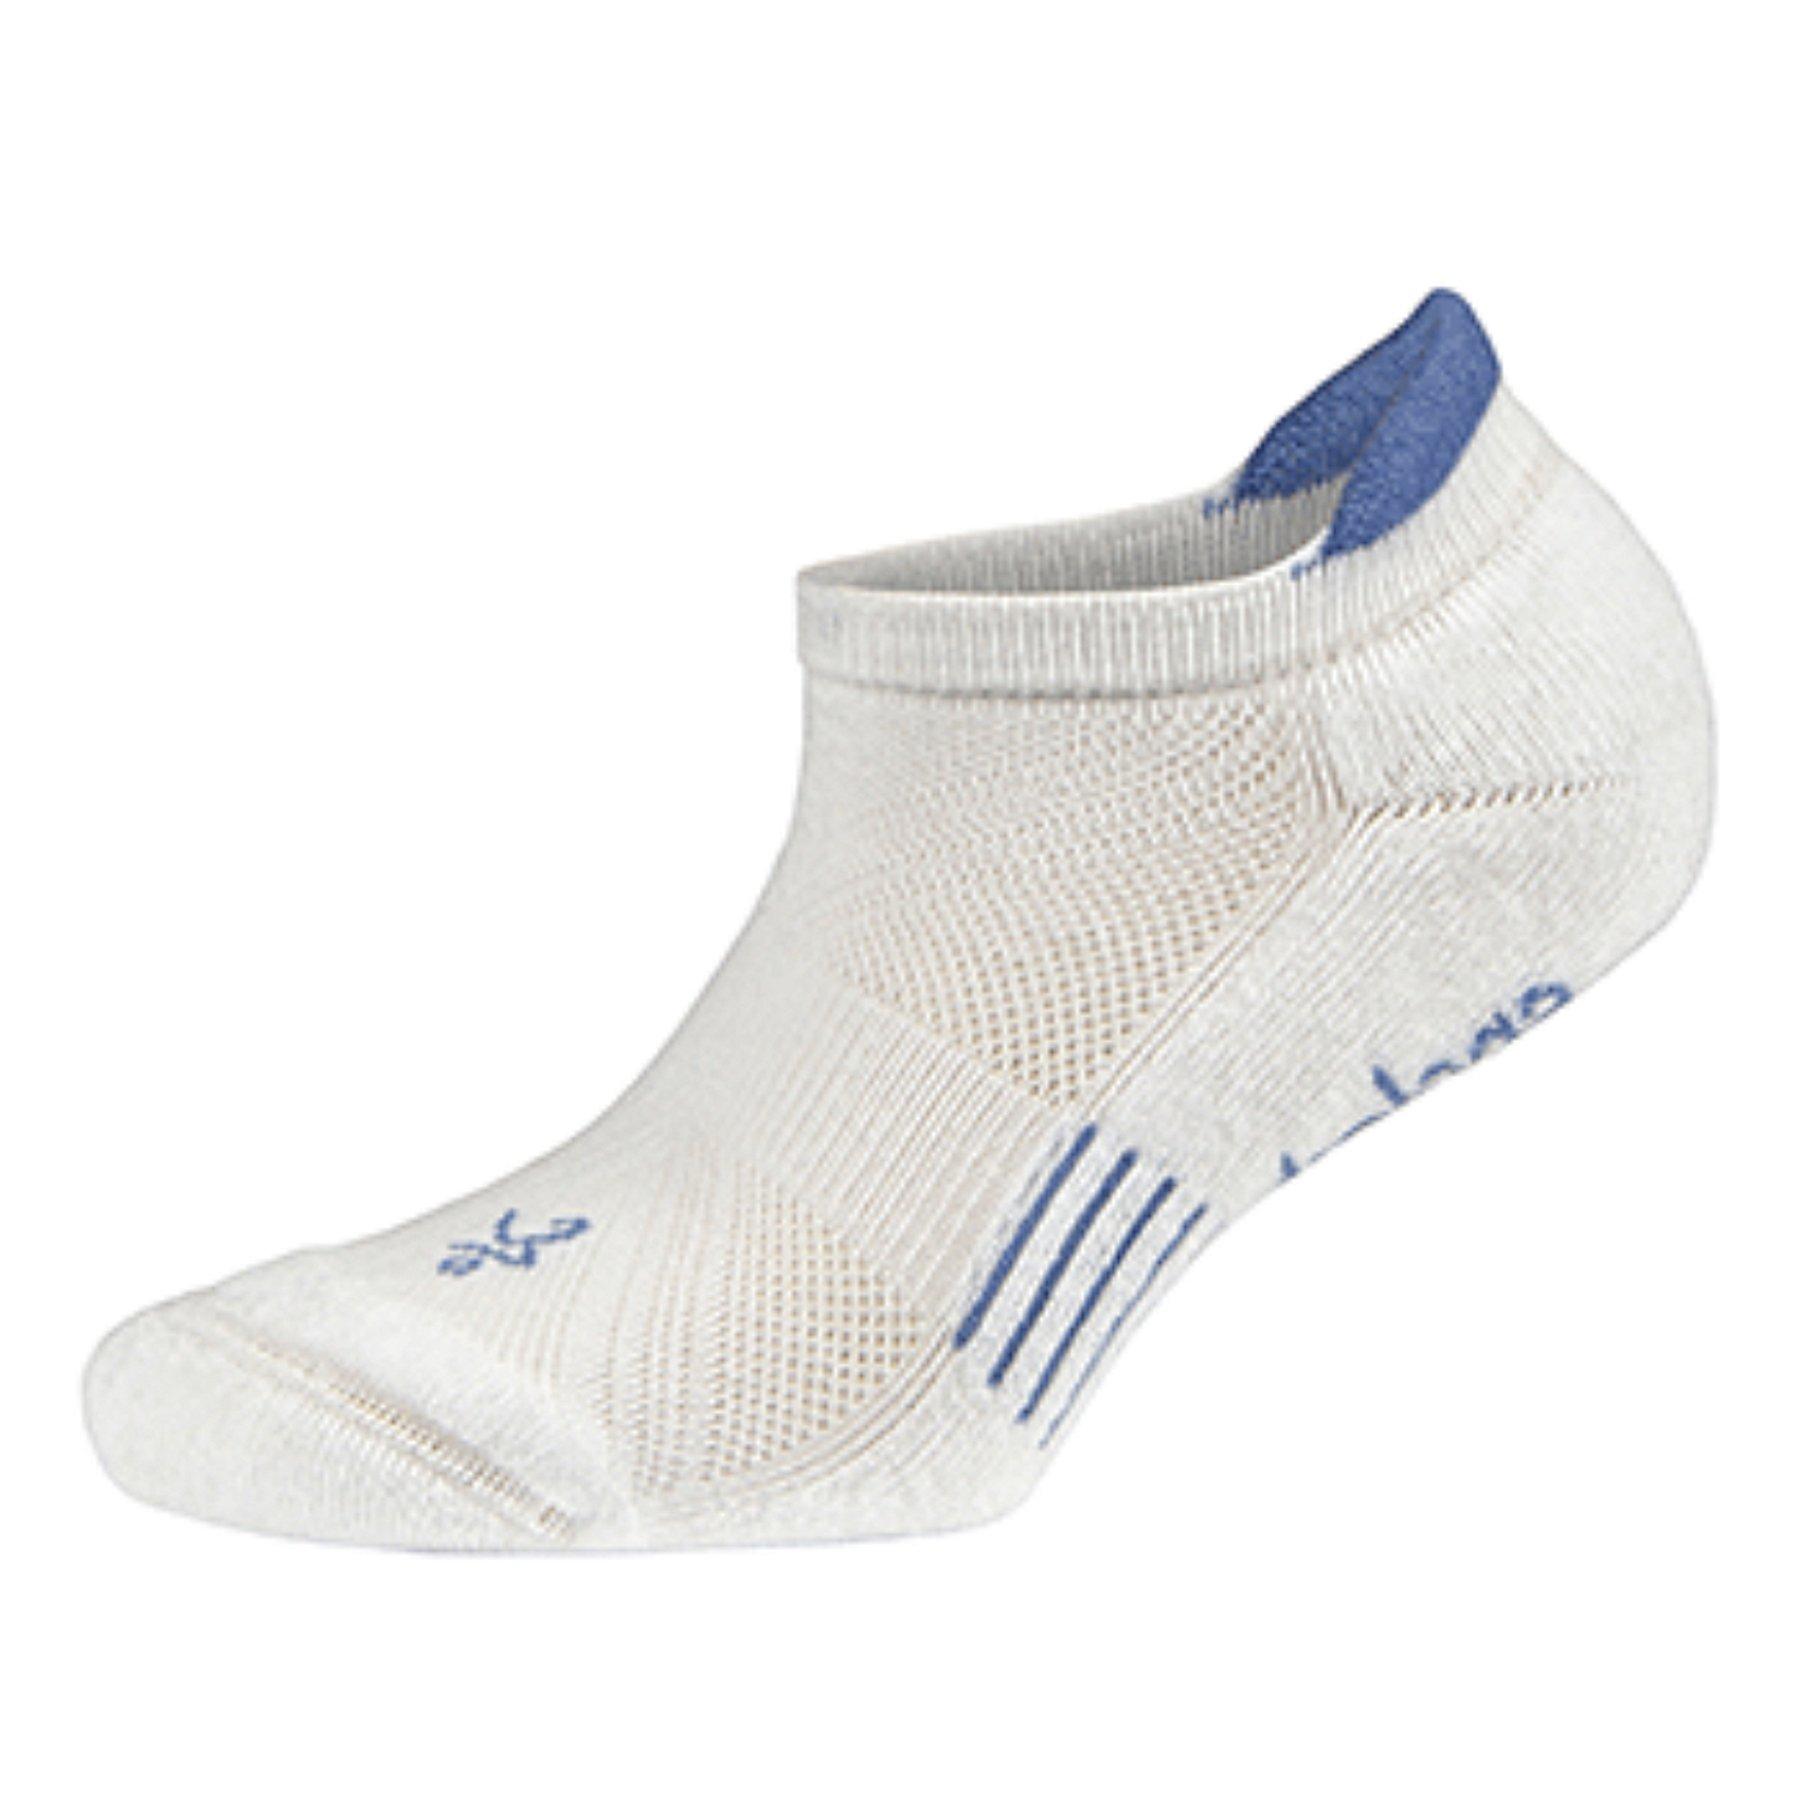 Balega Kids Hidden Cool Socks (1 Pair), White/Sky, Medium by Balega